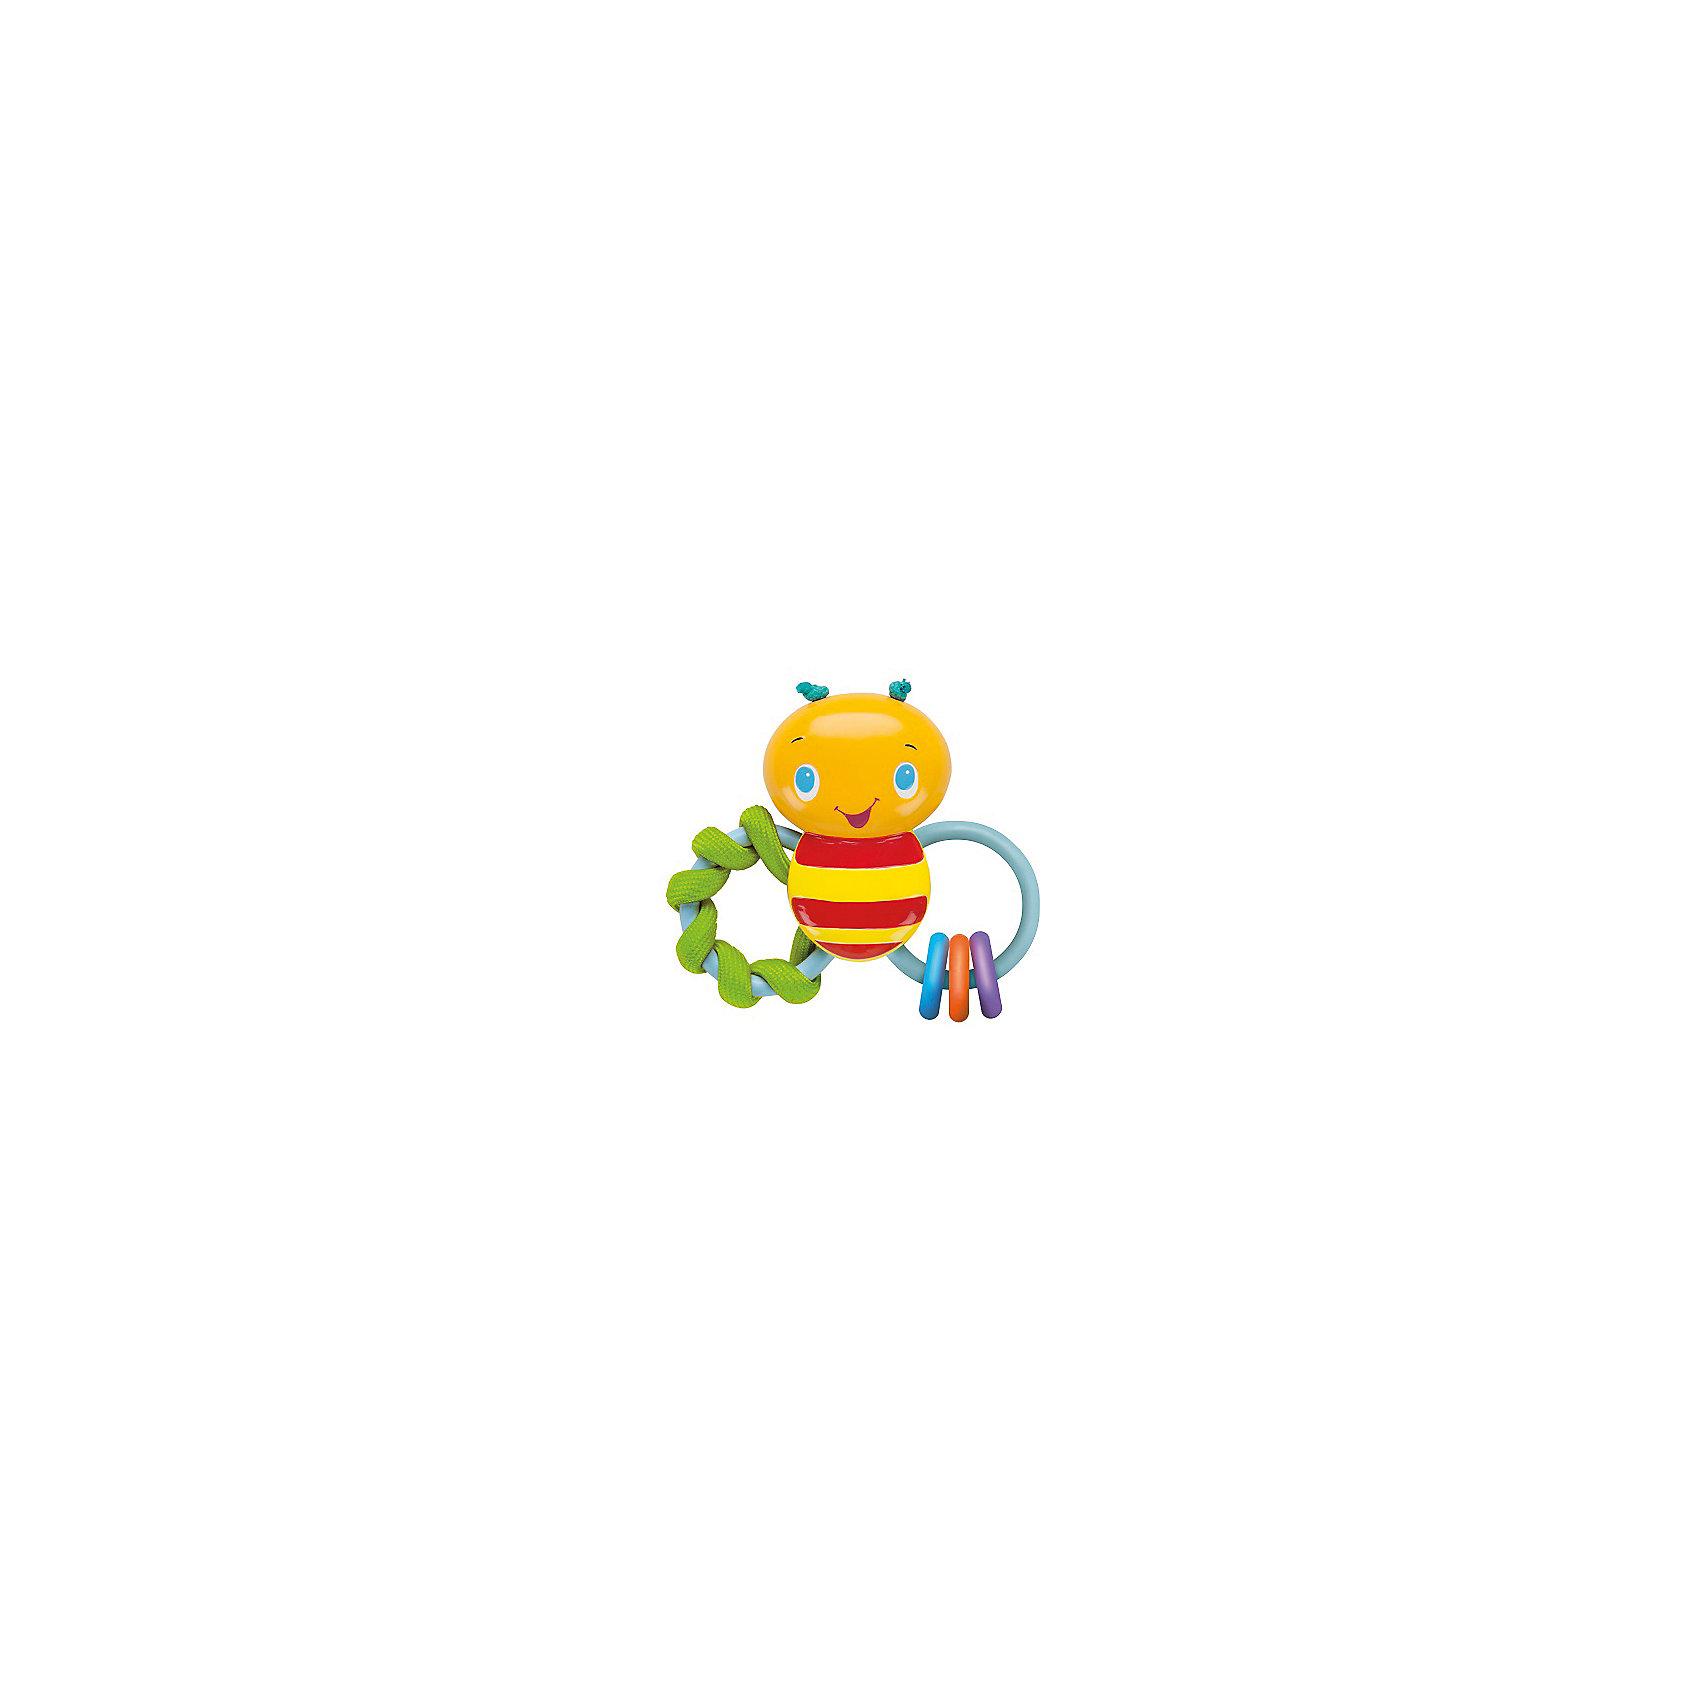 Погремушка Пчелка, Bright StartsПрорезыватели<br>Погремушка Пчелка от знаменитого американского бренда Bright Starts (Брайт стартс). Яркая и веселая погремушка в виде пчелки изготовленной из разного вида материала сделает игру малыша еще интереснее! Два колечка выполнены в виде крылышек, на одном из них текстильная спиралька, которая поможет развить тактильное восприятие малыша, а на другом крылышке три колечка, изготовленнных из высококачественной резины, поможет прорезаться зубкам и развить жевательные и кусательные рефлексы. Цветная пчелка так еще и погремушка, это поможет развить звуковое и цветовое восприятие ребенка. <br>- Дополнительная информация:<br>- Материал: пластик, резина, текстиль<br>- Размер 13 * 12 * 4 см.<br><br>Погремушку Пчелка, Bright Starts можно купить в нашем интернет-магазине.<br><br>Подробнее:<br>• Для детей в возрасте: от 0 месяцев до 1 года<br>• Номер товара: 4918357<br>Страна производитель: Китай<br><br>Ширина мм: 142<br>Глубина мм: 193<br>Высота мм: 36<br>Вес г: 104<br>Возраст от месяцев: 0<br>Возраст до месяцев: 36<br>Пол: Унисекс<br>Возраст: Детский<br>SKU: 4918357